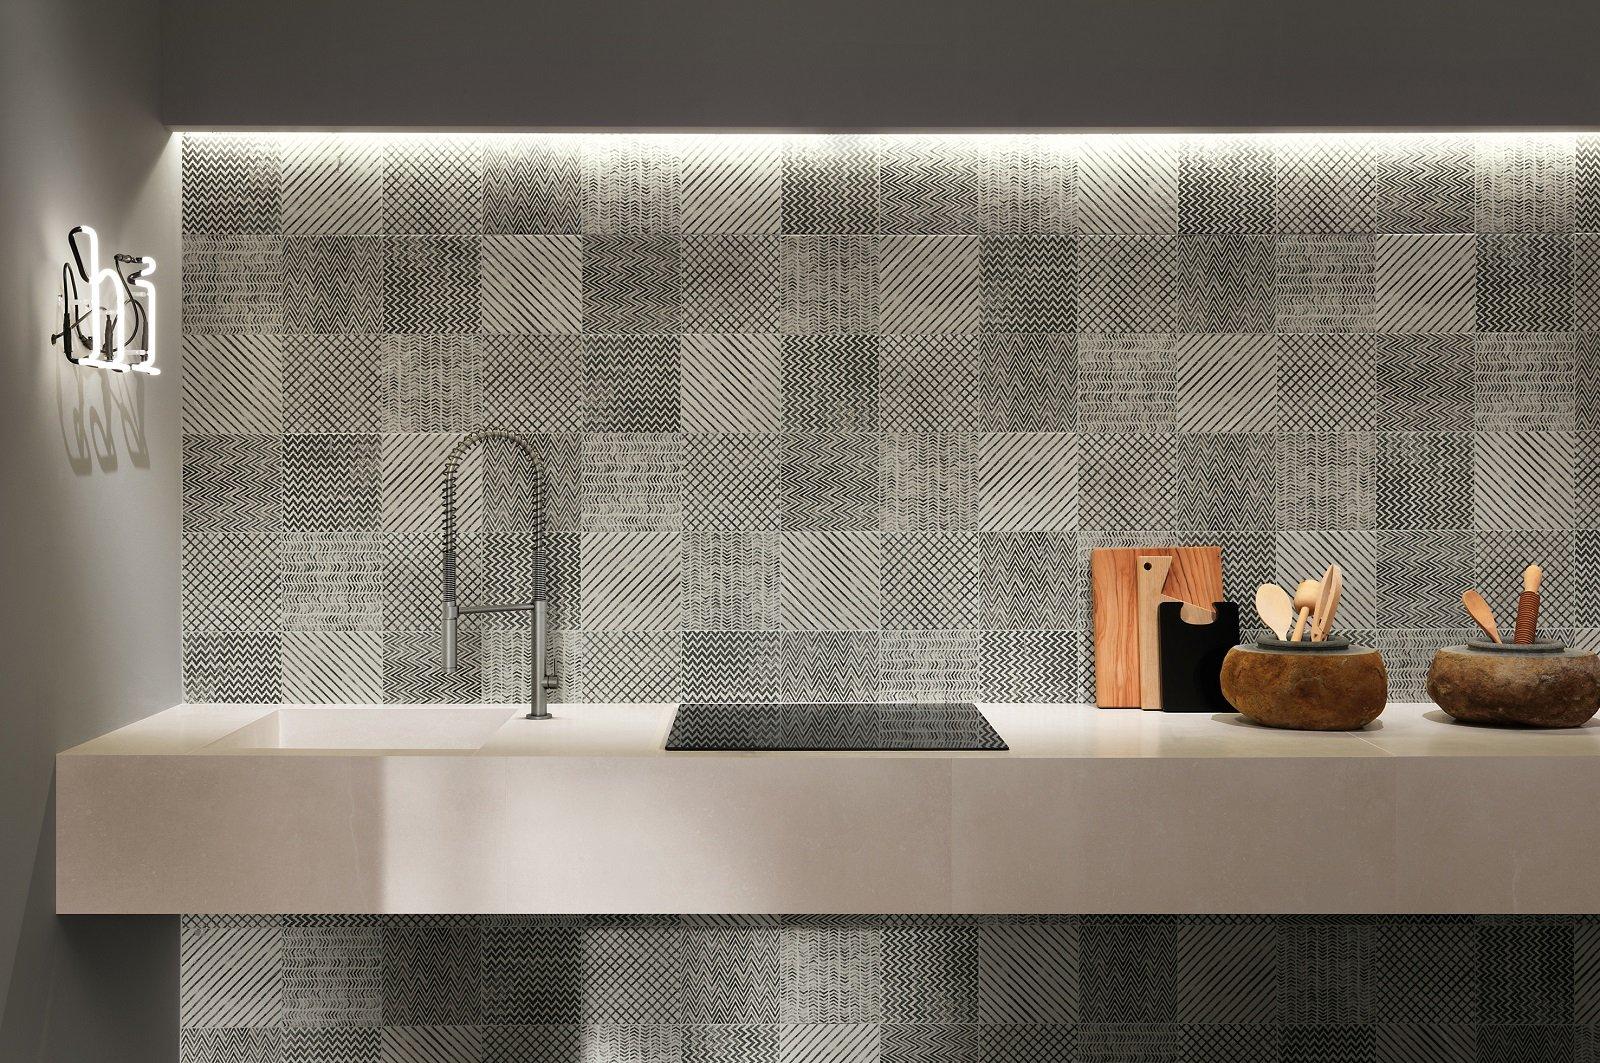 Mattonelle cucina shabby gallery of adesivi piastrelle da parete